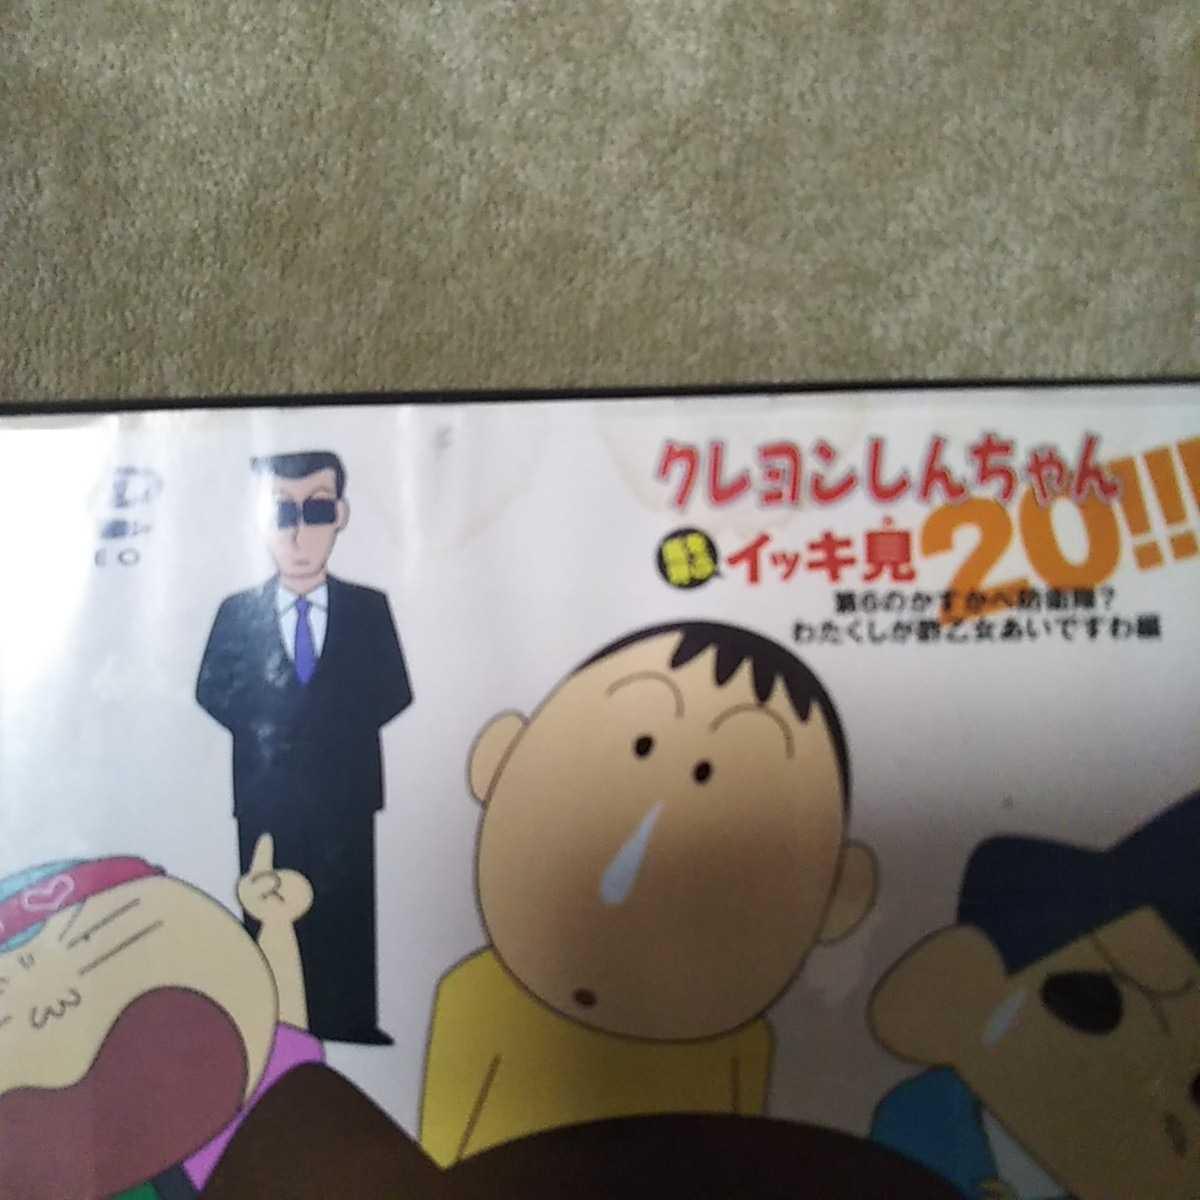 DVD クレヨンしんちゃん イッキ見 第6のかすかべ防衛隊?わたくしが酢乙女あいですわ